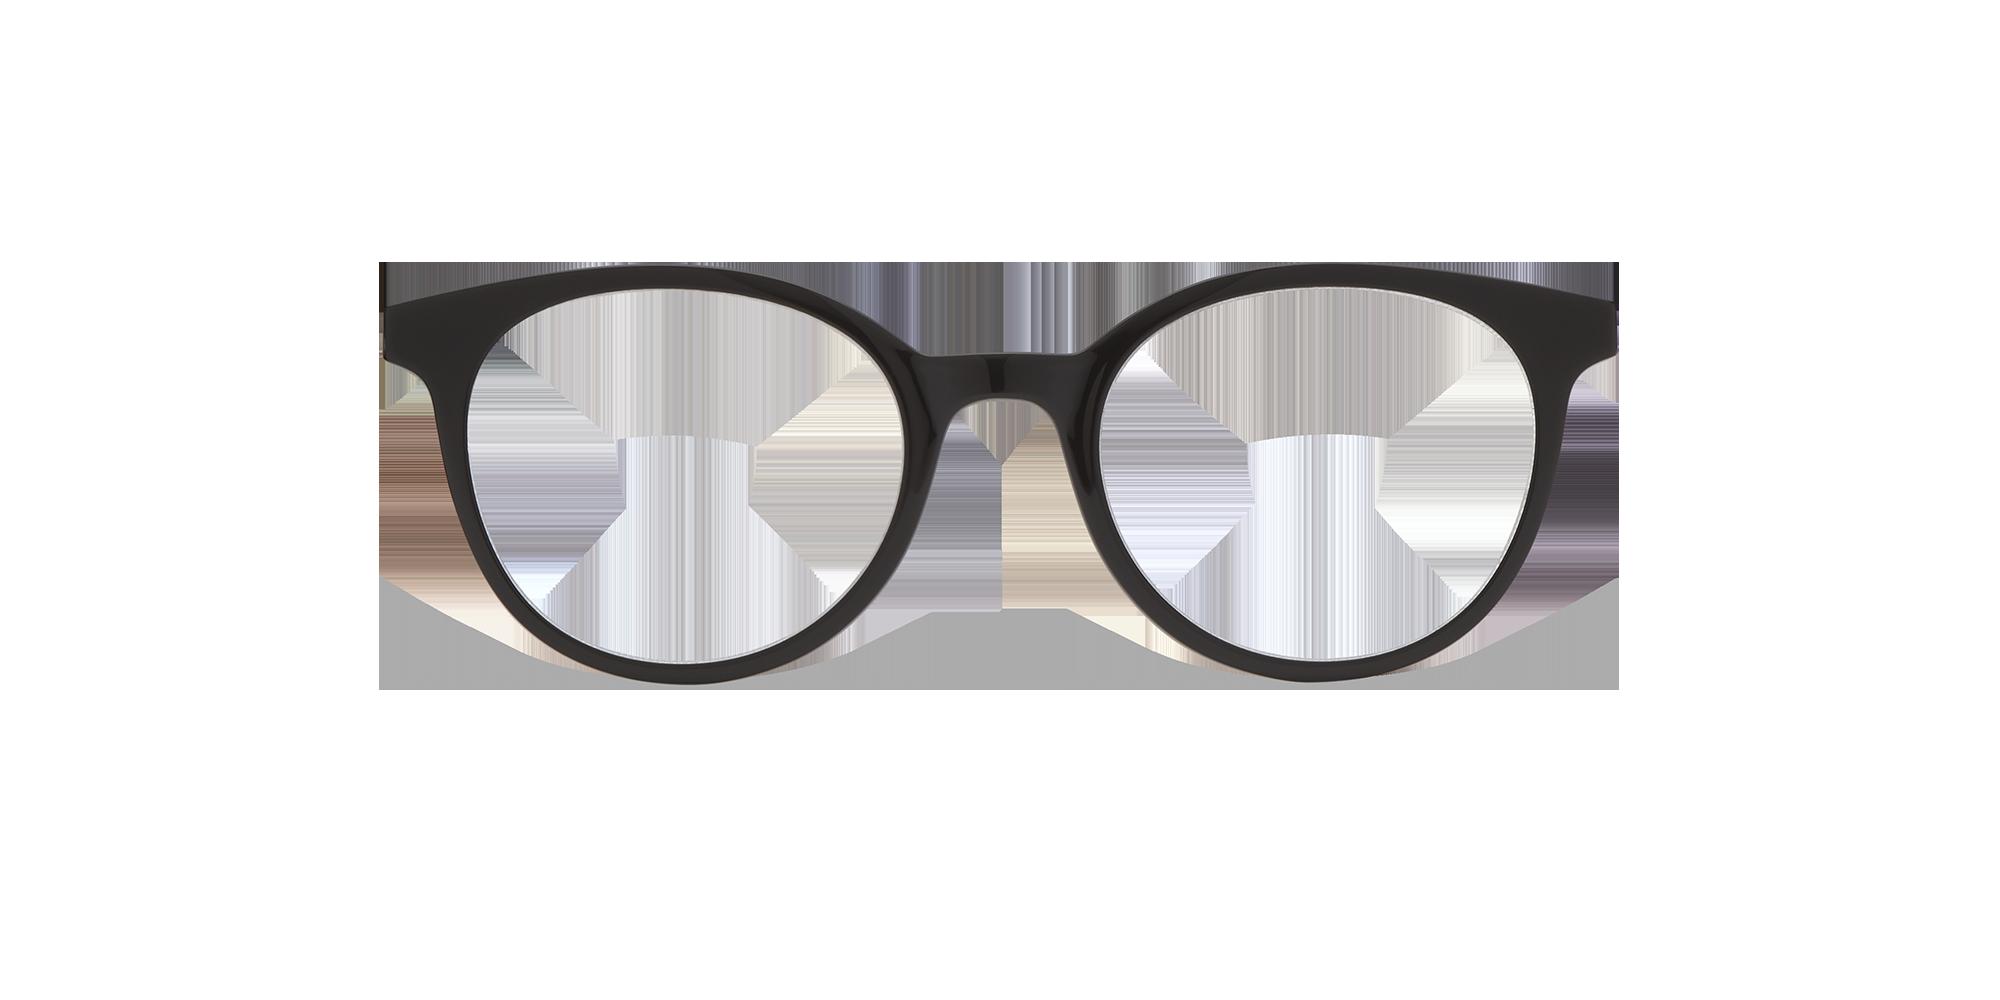 afflelou/france/products/smart_clip/clips_glasses/TMK36NVBR014819.png